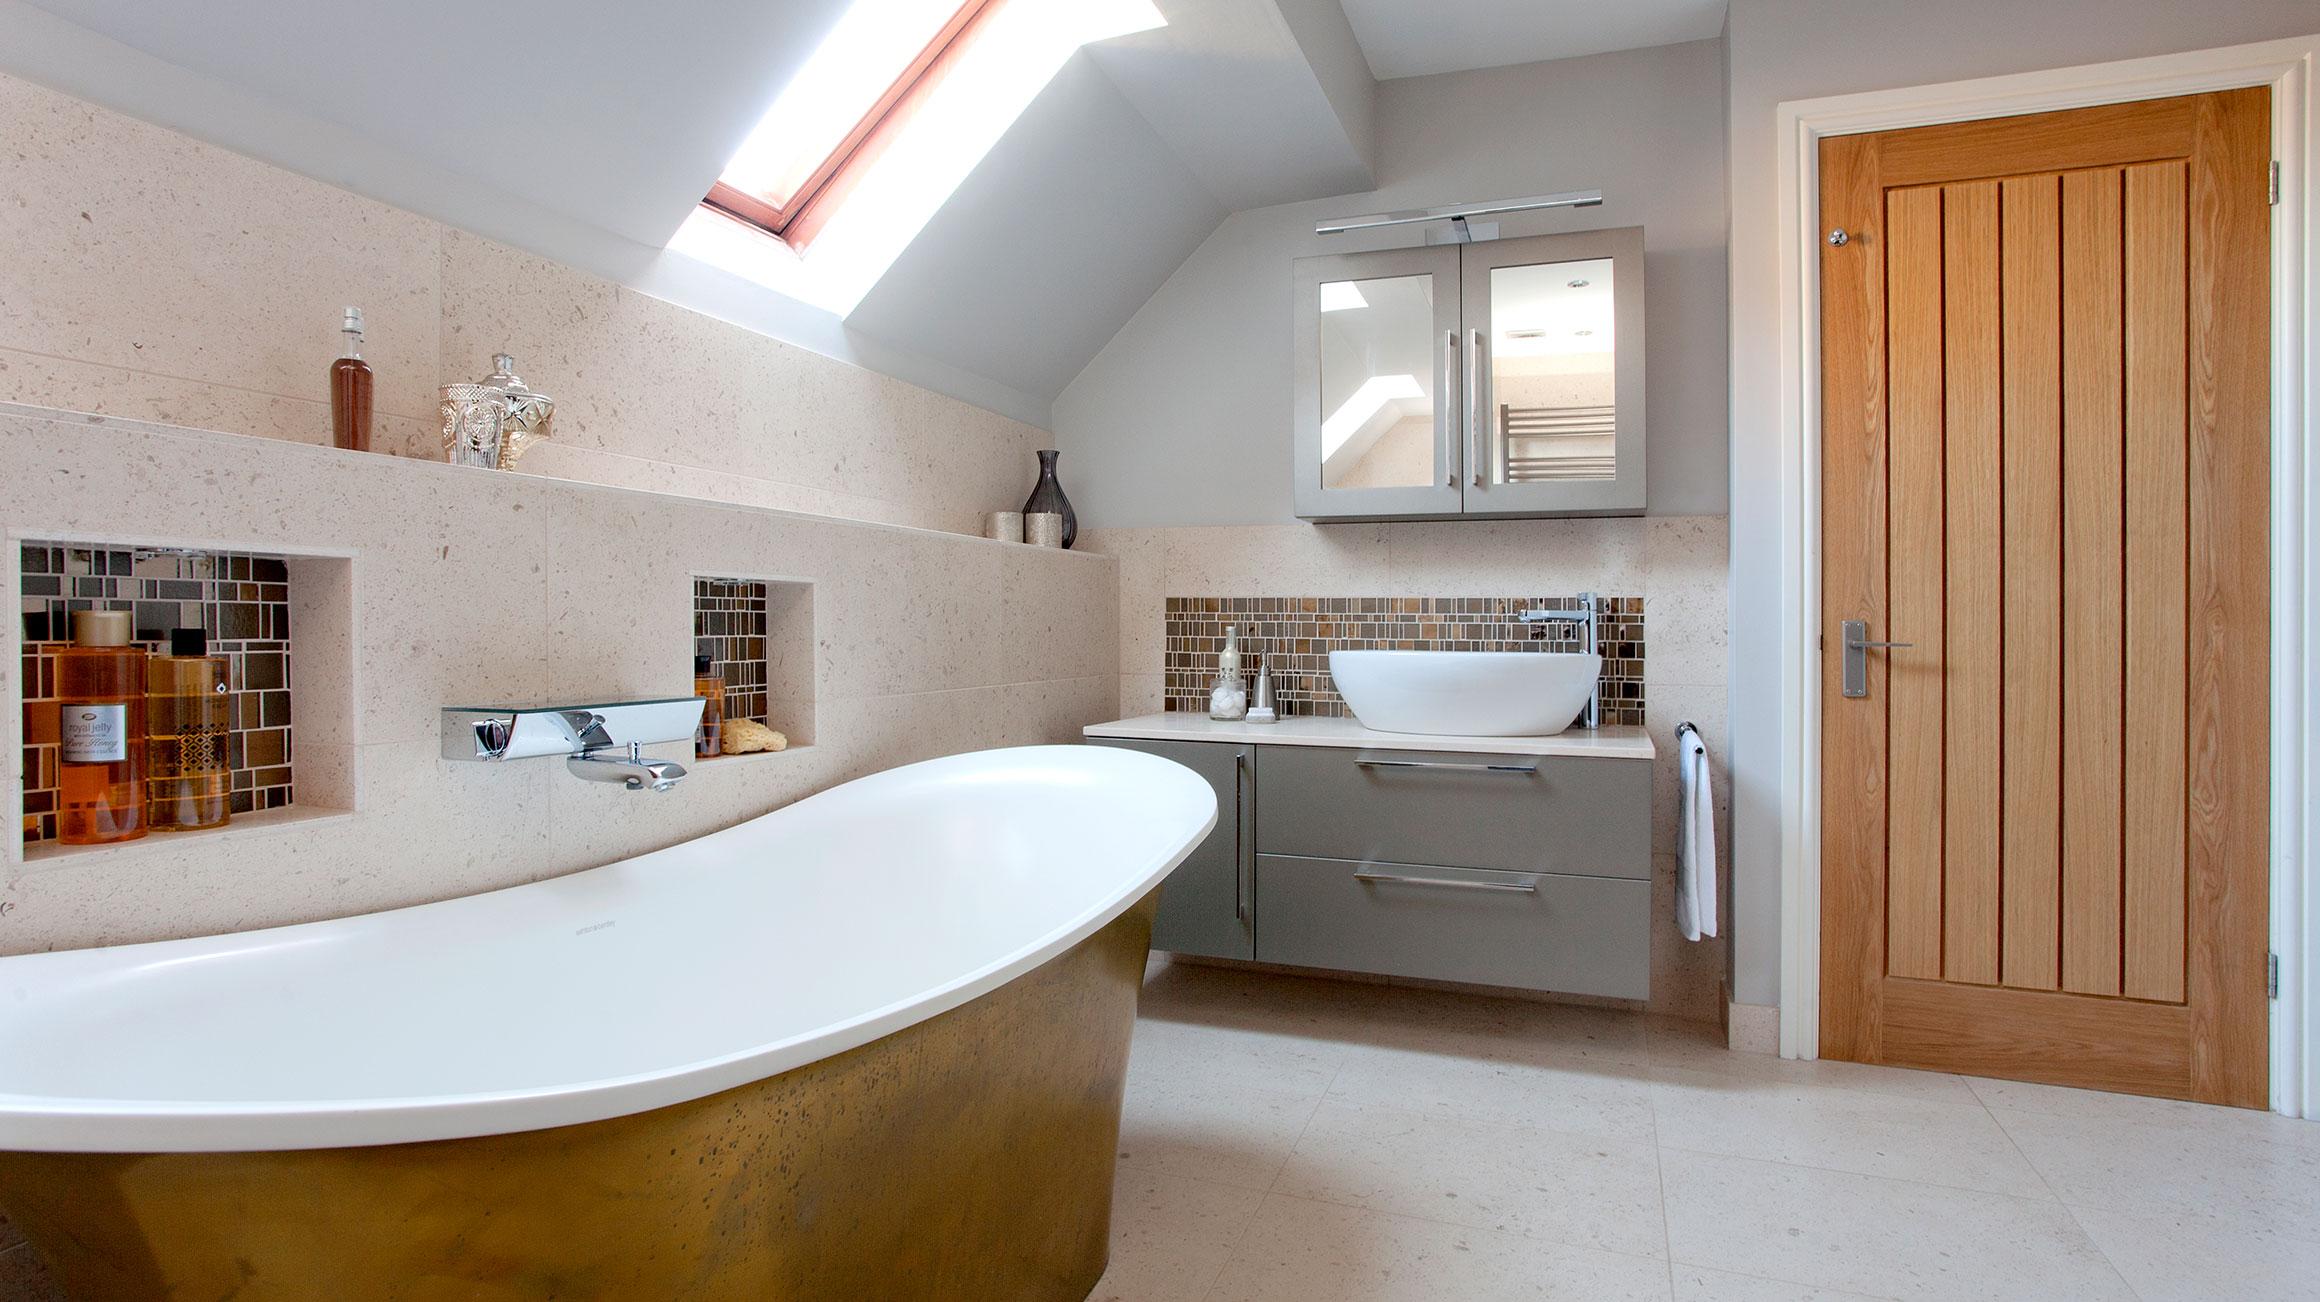 Bagni Da Sogno Foto : Originale bagno da sogno arredato con tonalità naturali hansgrohe it